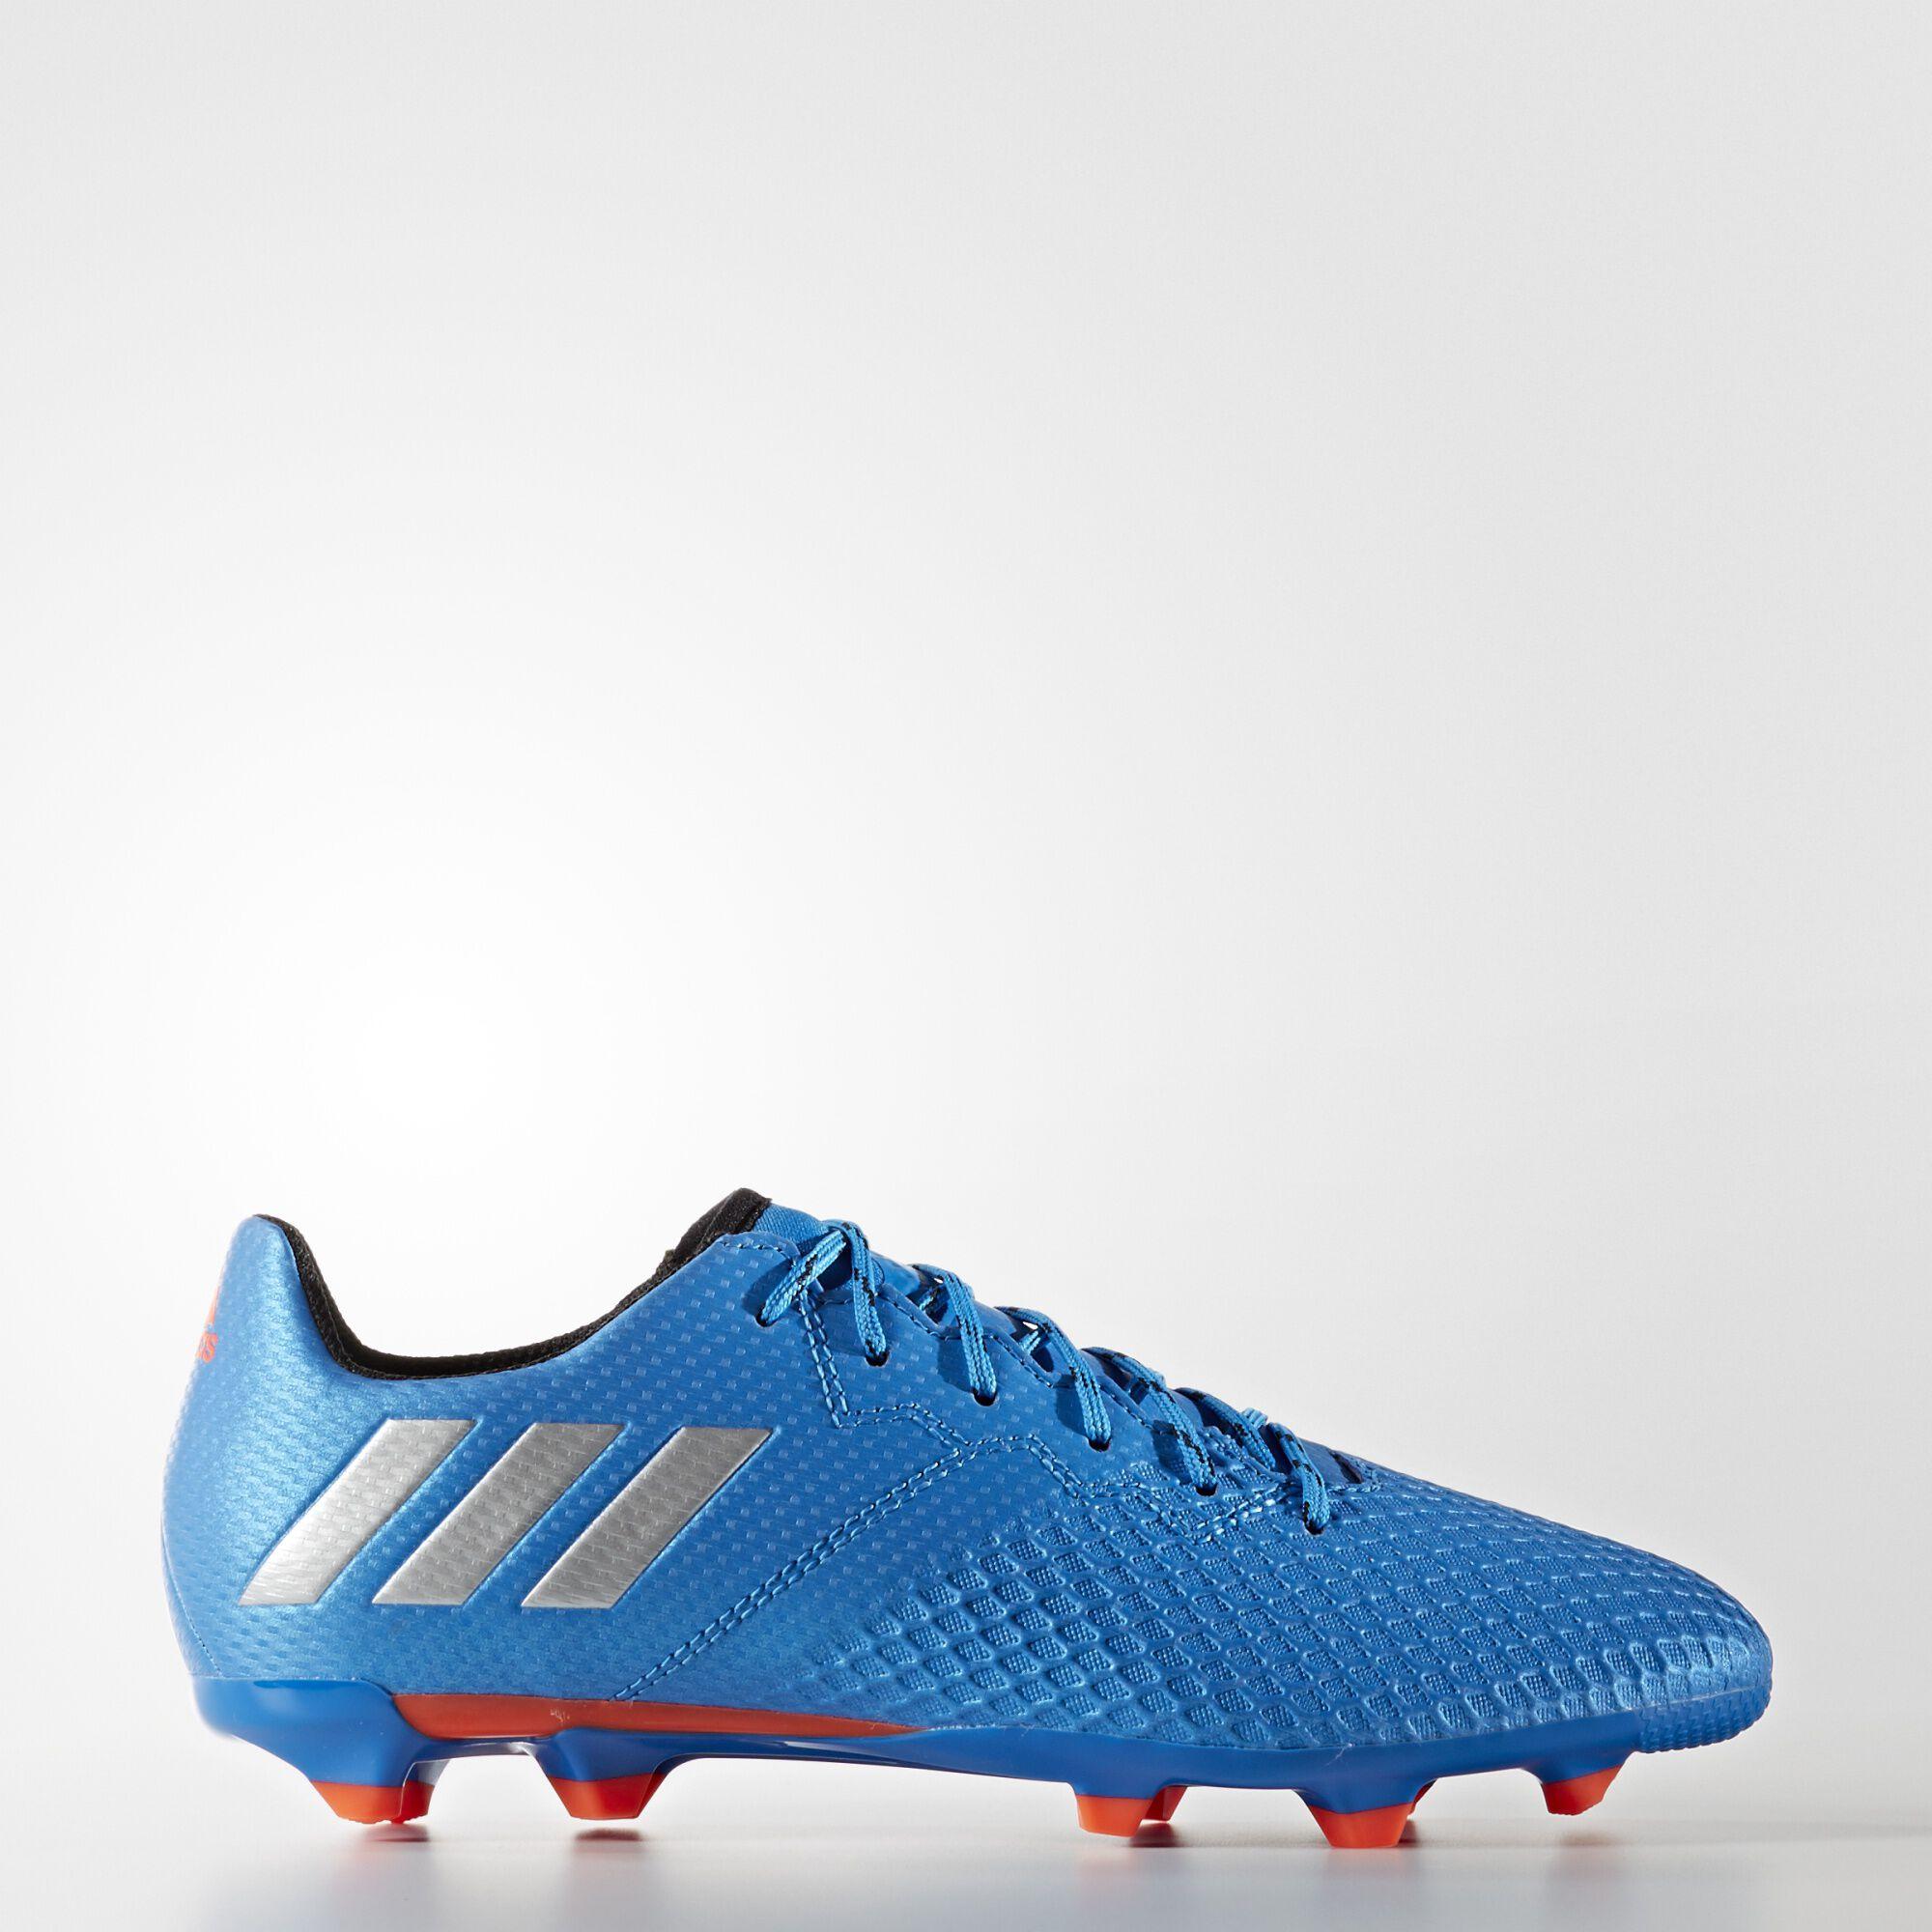 b99a46eccad zapatos de futbol de messi,Tenis De Futbol De Messi 2016